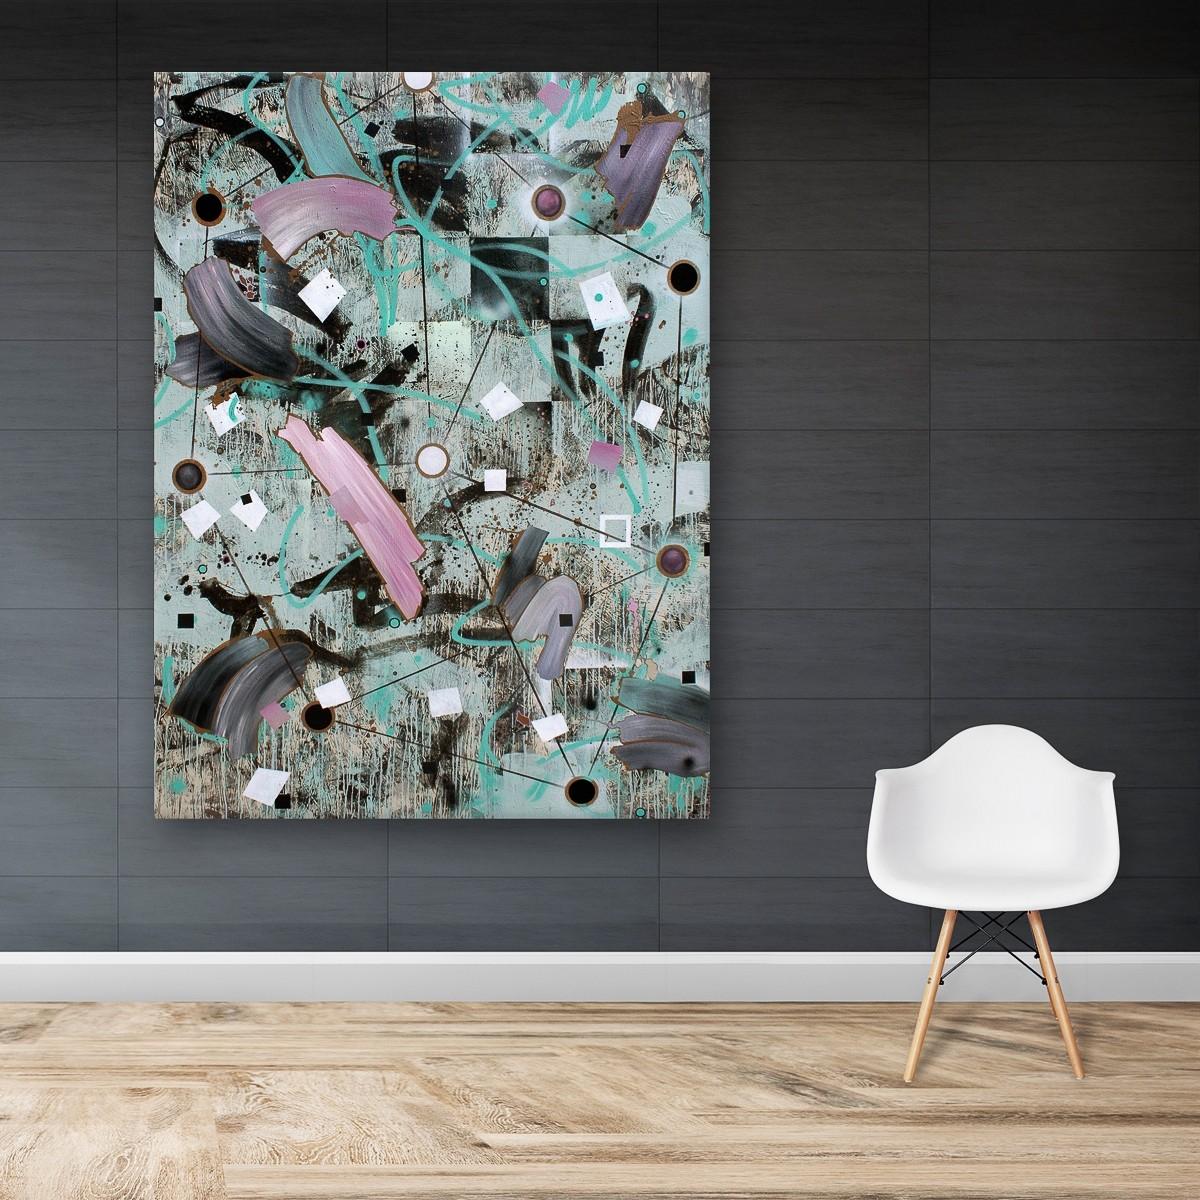 Zwischenräume 12, Malerei von Malwin Faber, Öl, Acryl und Sprühlack auf Leinwand - 3